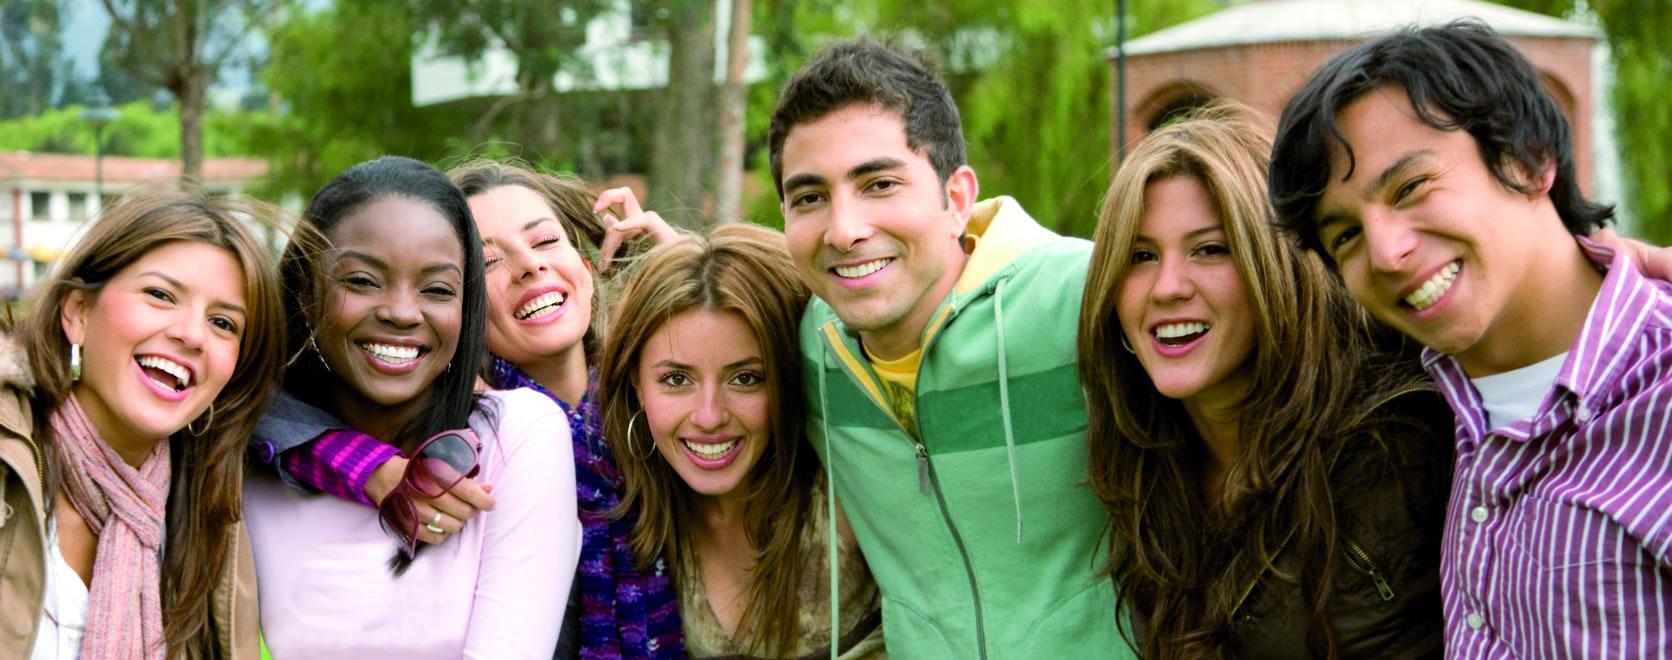 jeunes en groupe